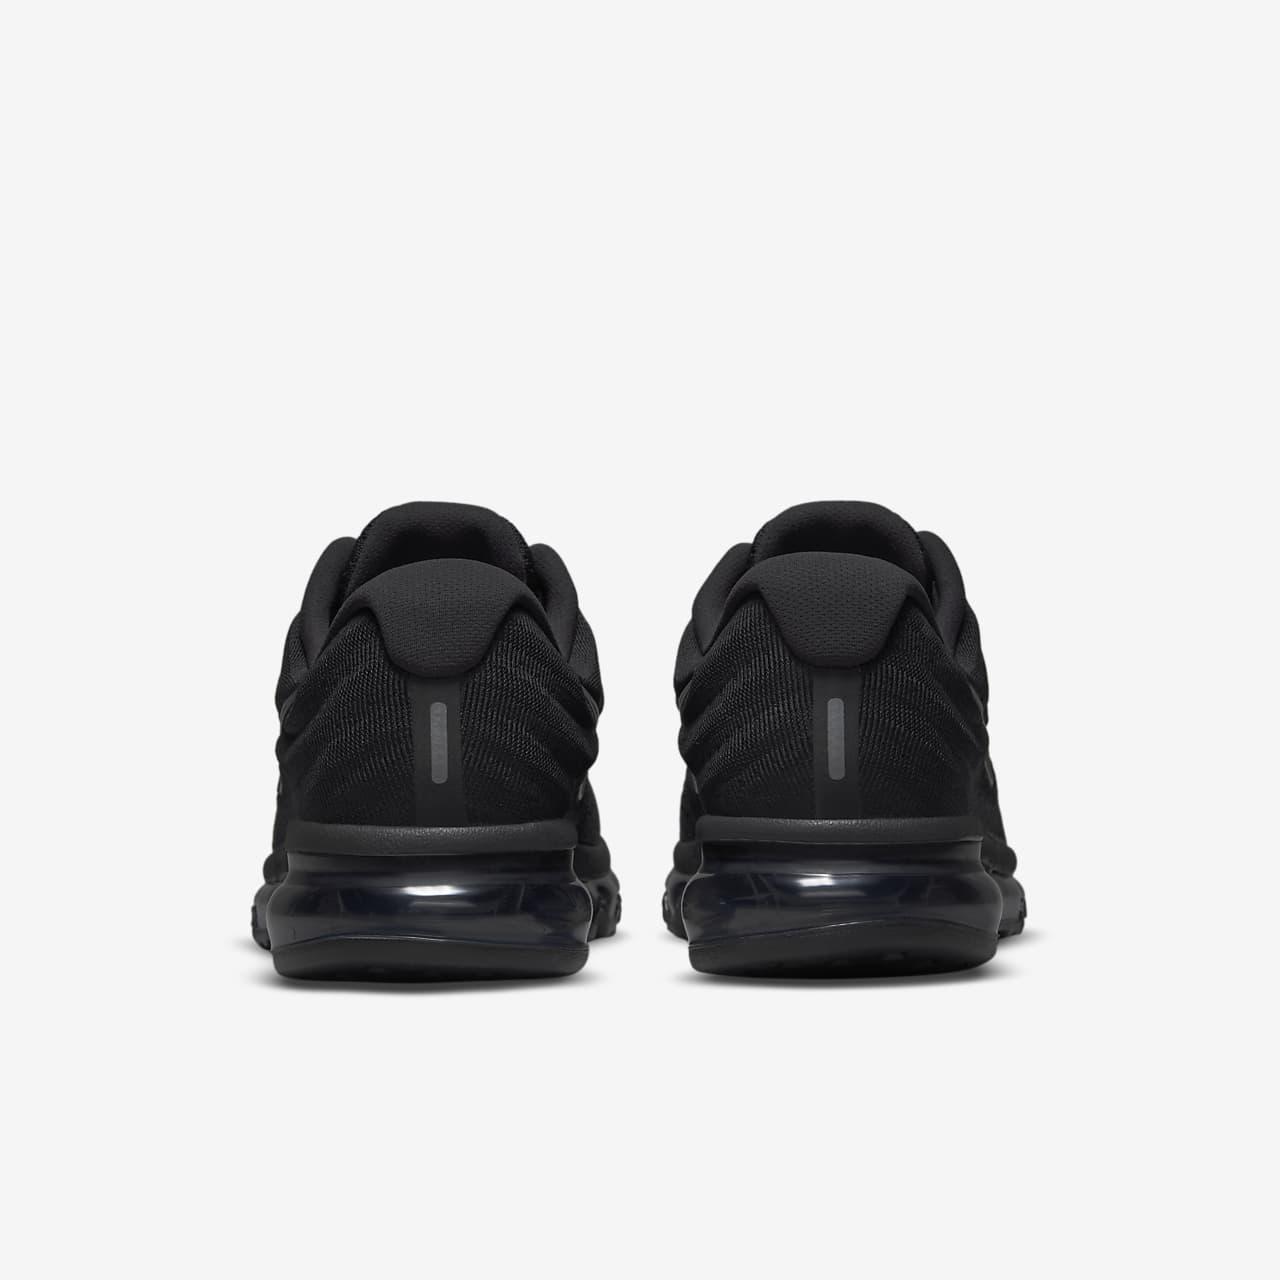 fecce041c67 Calzado para hombre Nike Air Max 2017. Nike.com MX